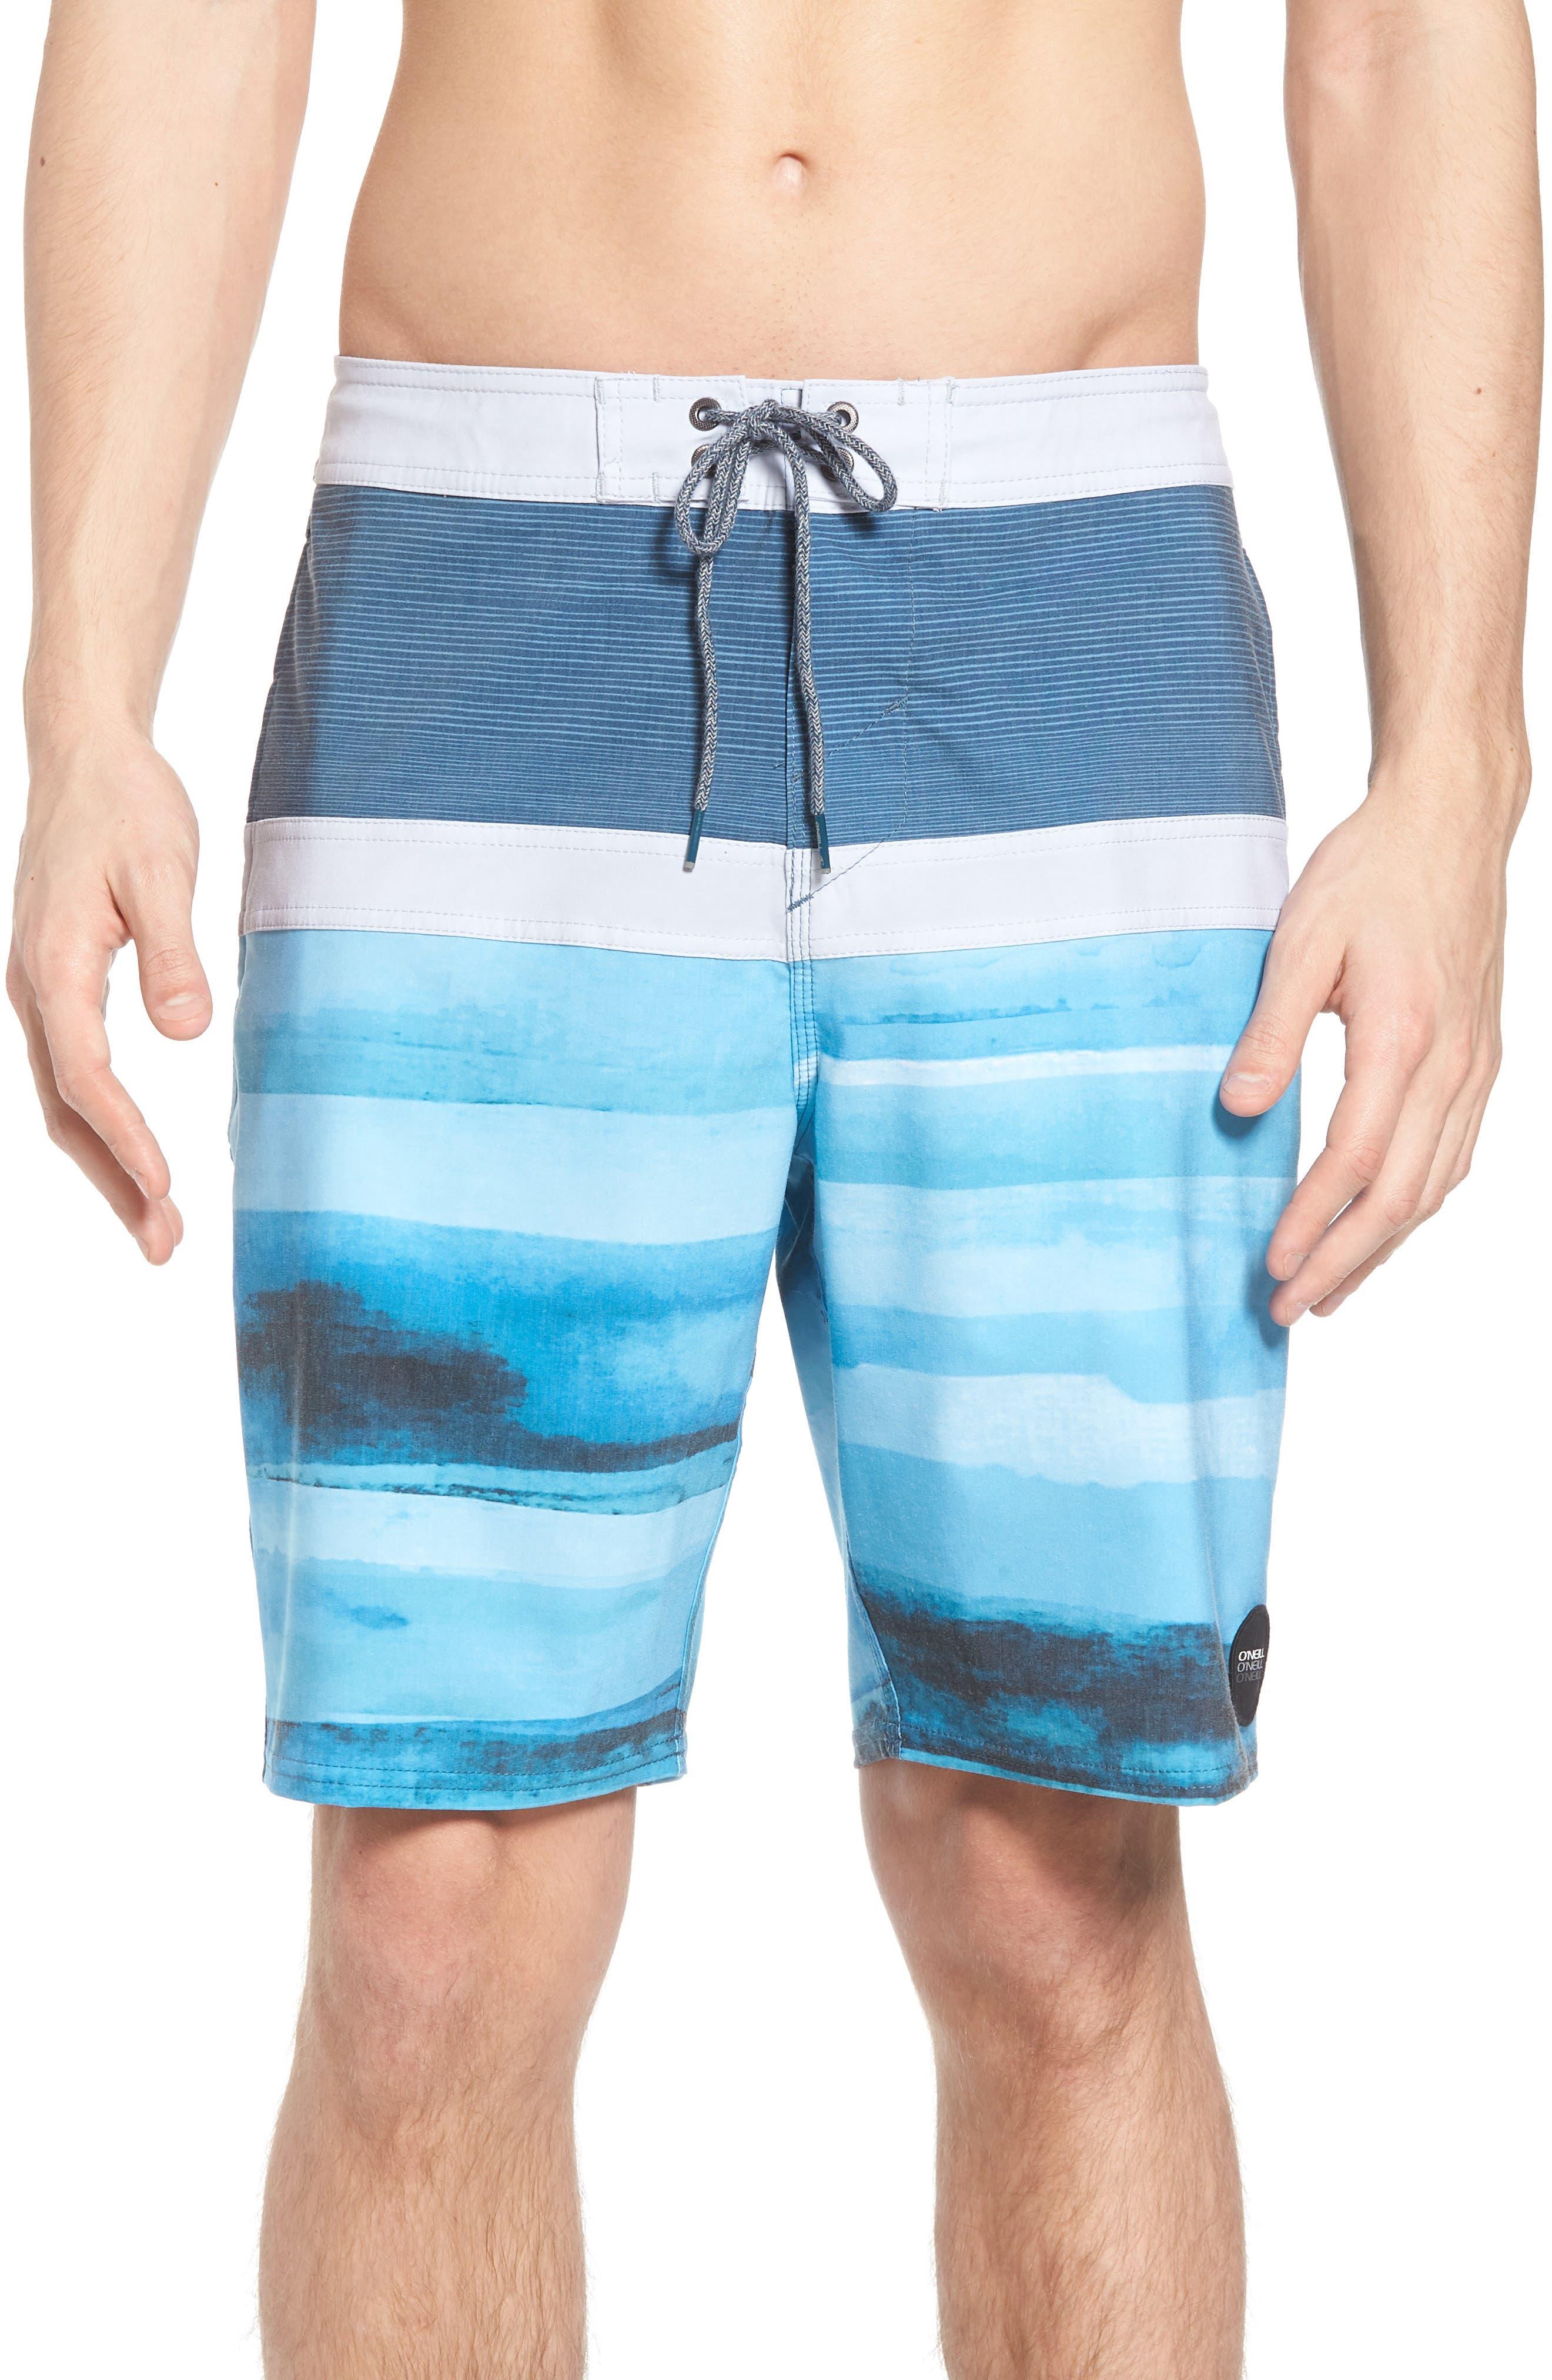 Breaker Cruzer Board Shorts,                             Main thumbnail 1, color,                             Ocean